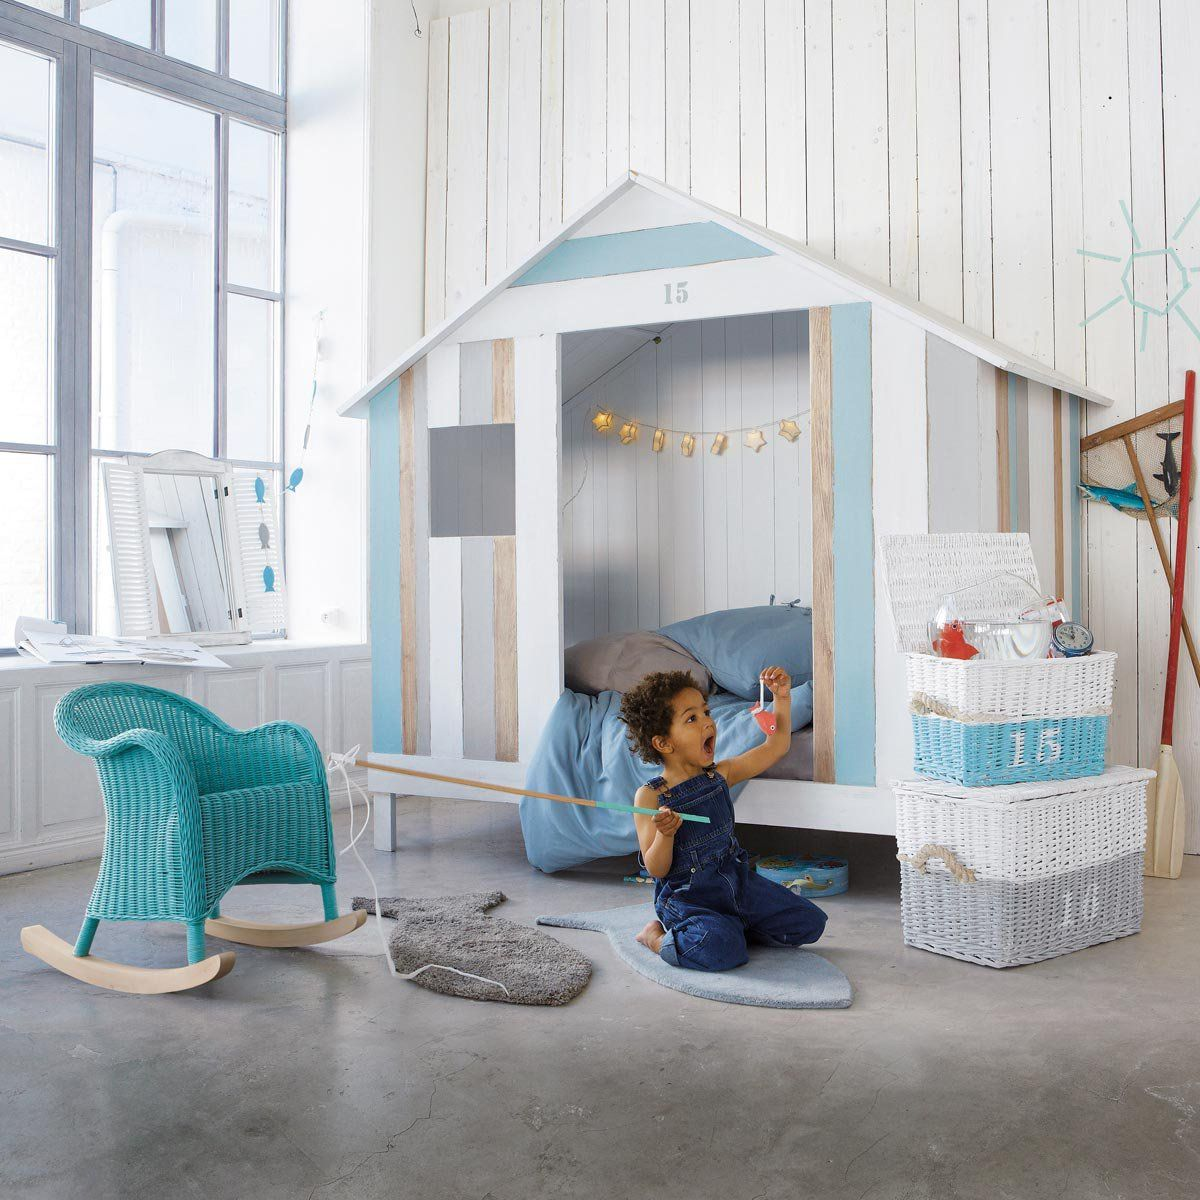 Lit Cabane Ocean Maisons Du Monde Idee Deco Chambre Garcon Deco Chambre Garcon Chambre Enfant